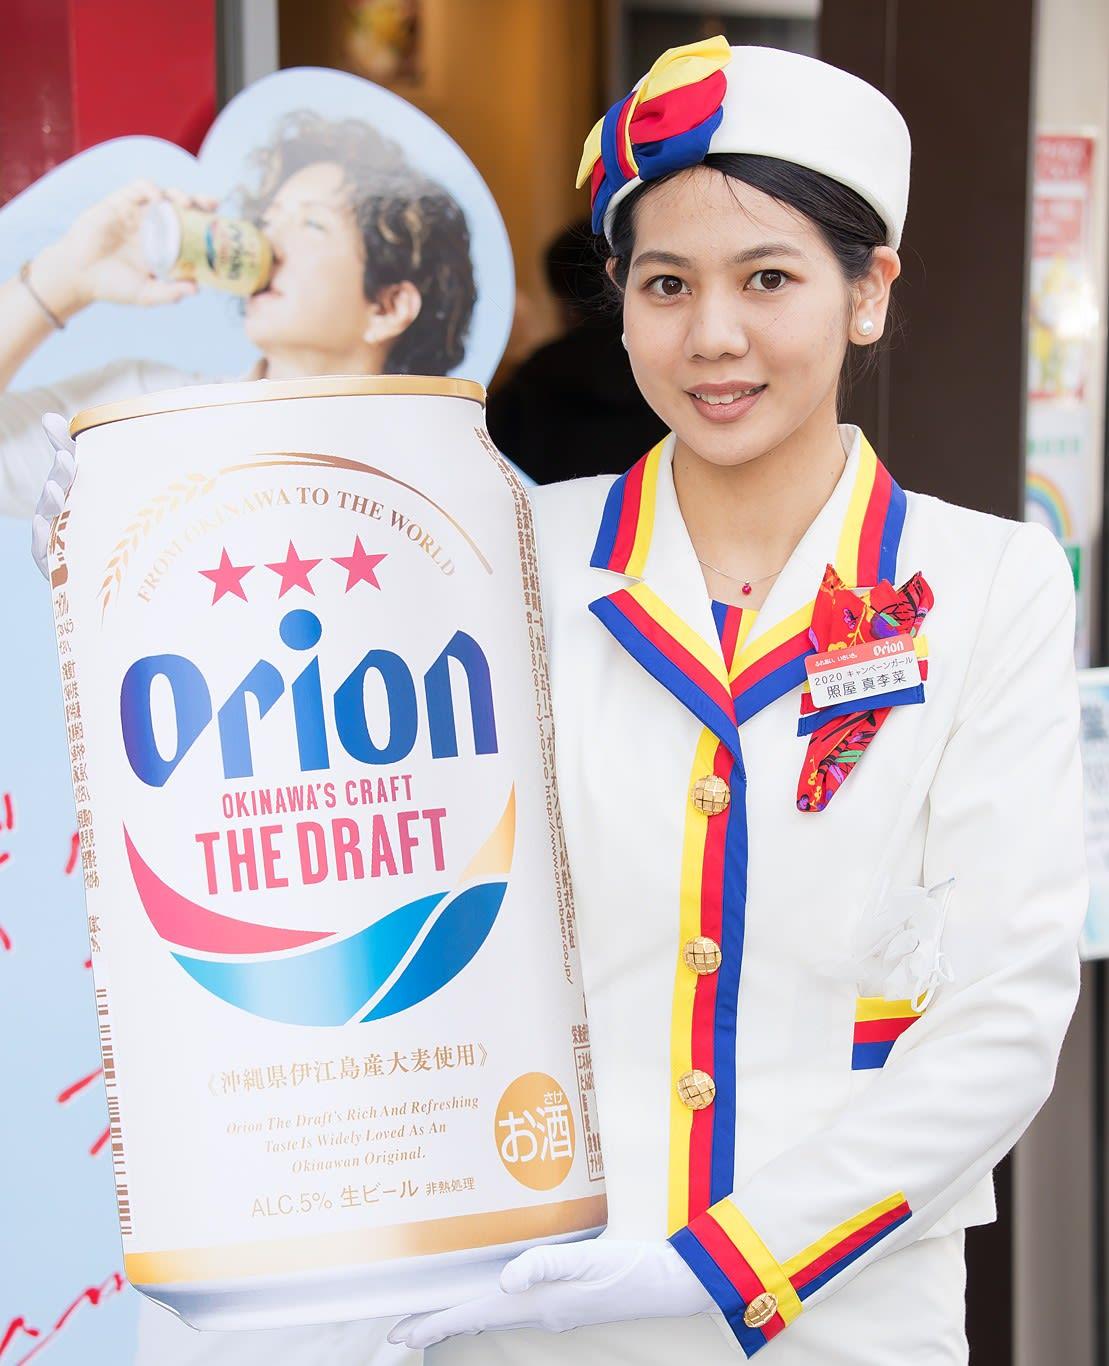 オリオンキャンペーンガール オリオンビール イチオシ商品の飲み比べができる試飲会 銀座わしたショップ 沖縄県アンテナショップ Ambassador Jp アンバサダー ドット ジェーピー